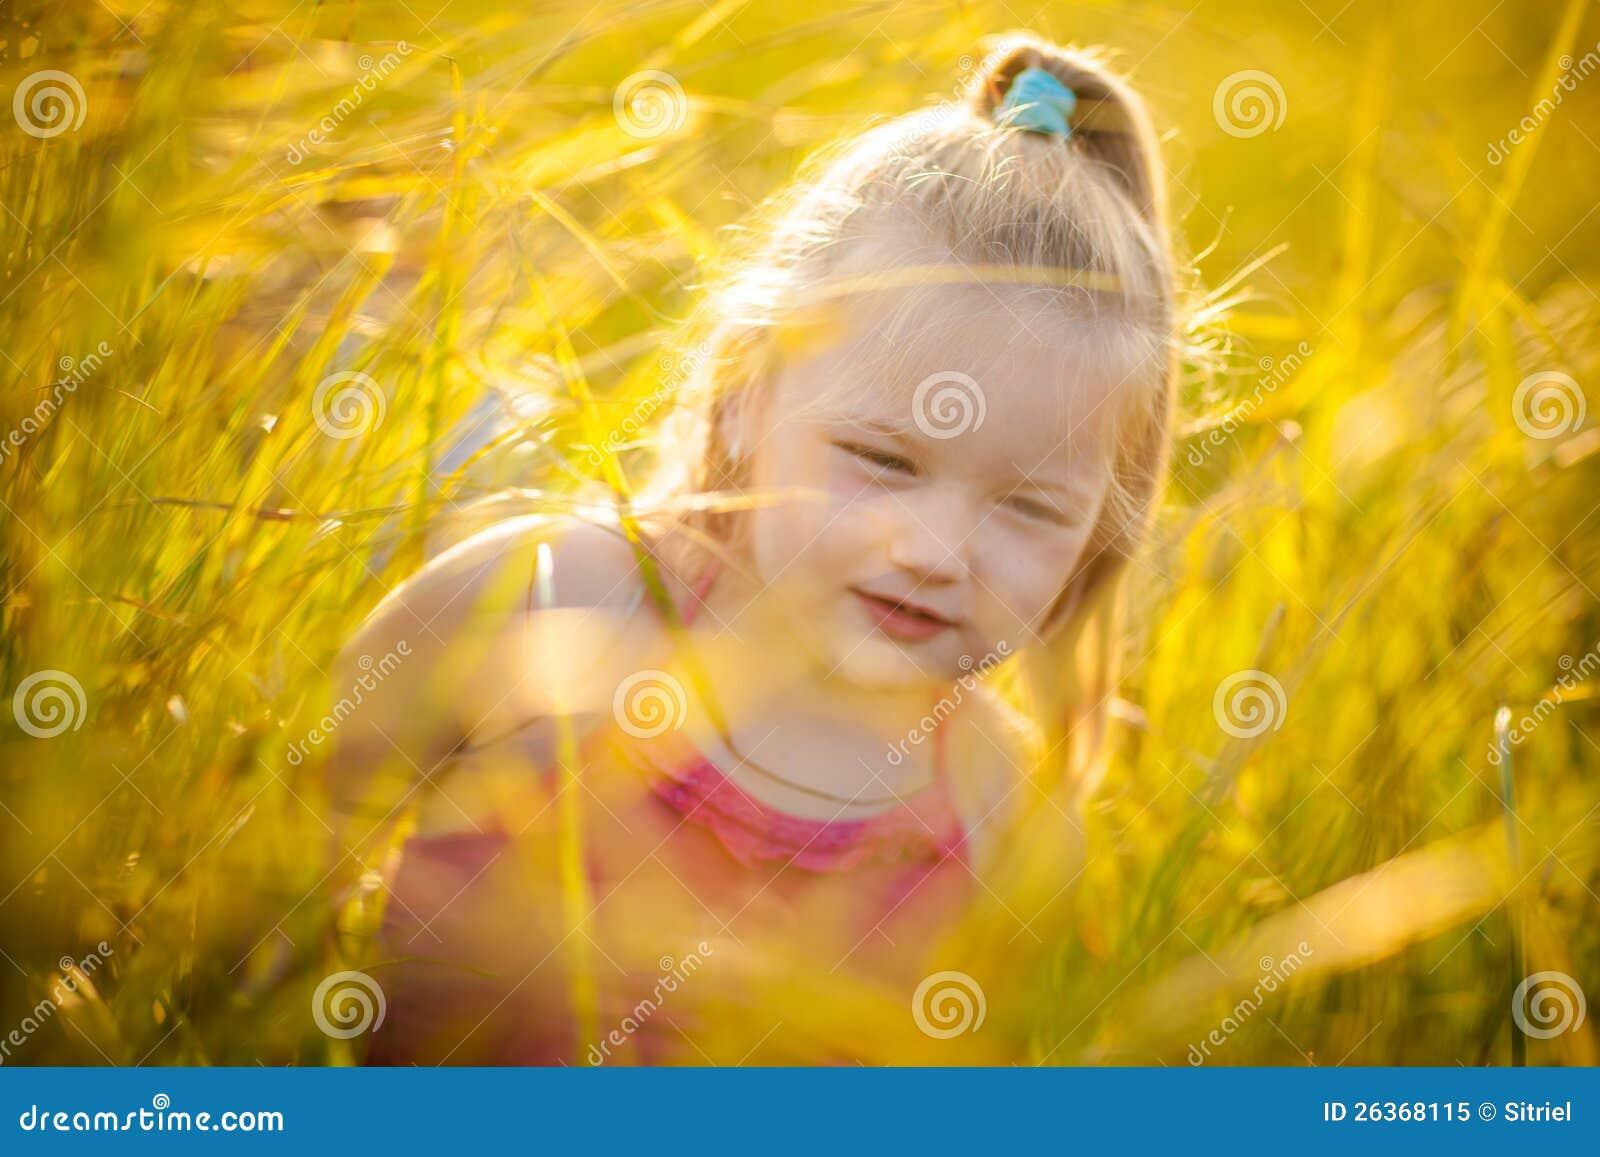 Kleines Mädchen in einer Wiese